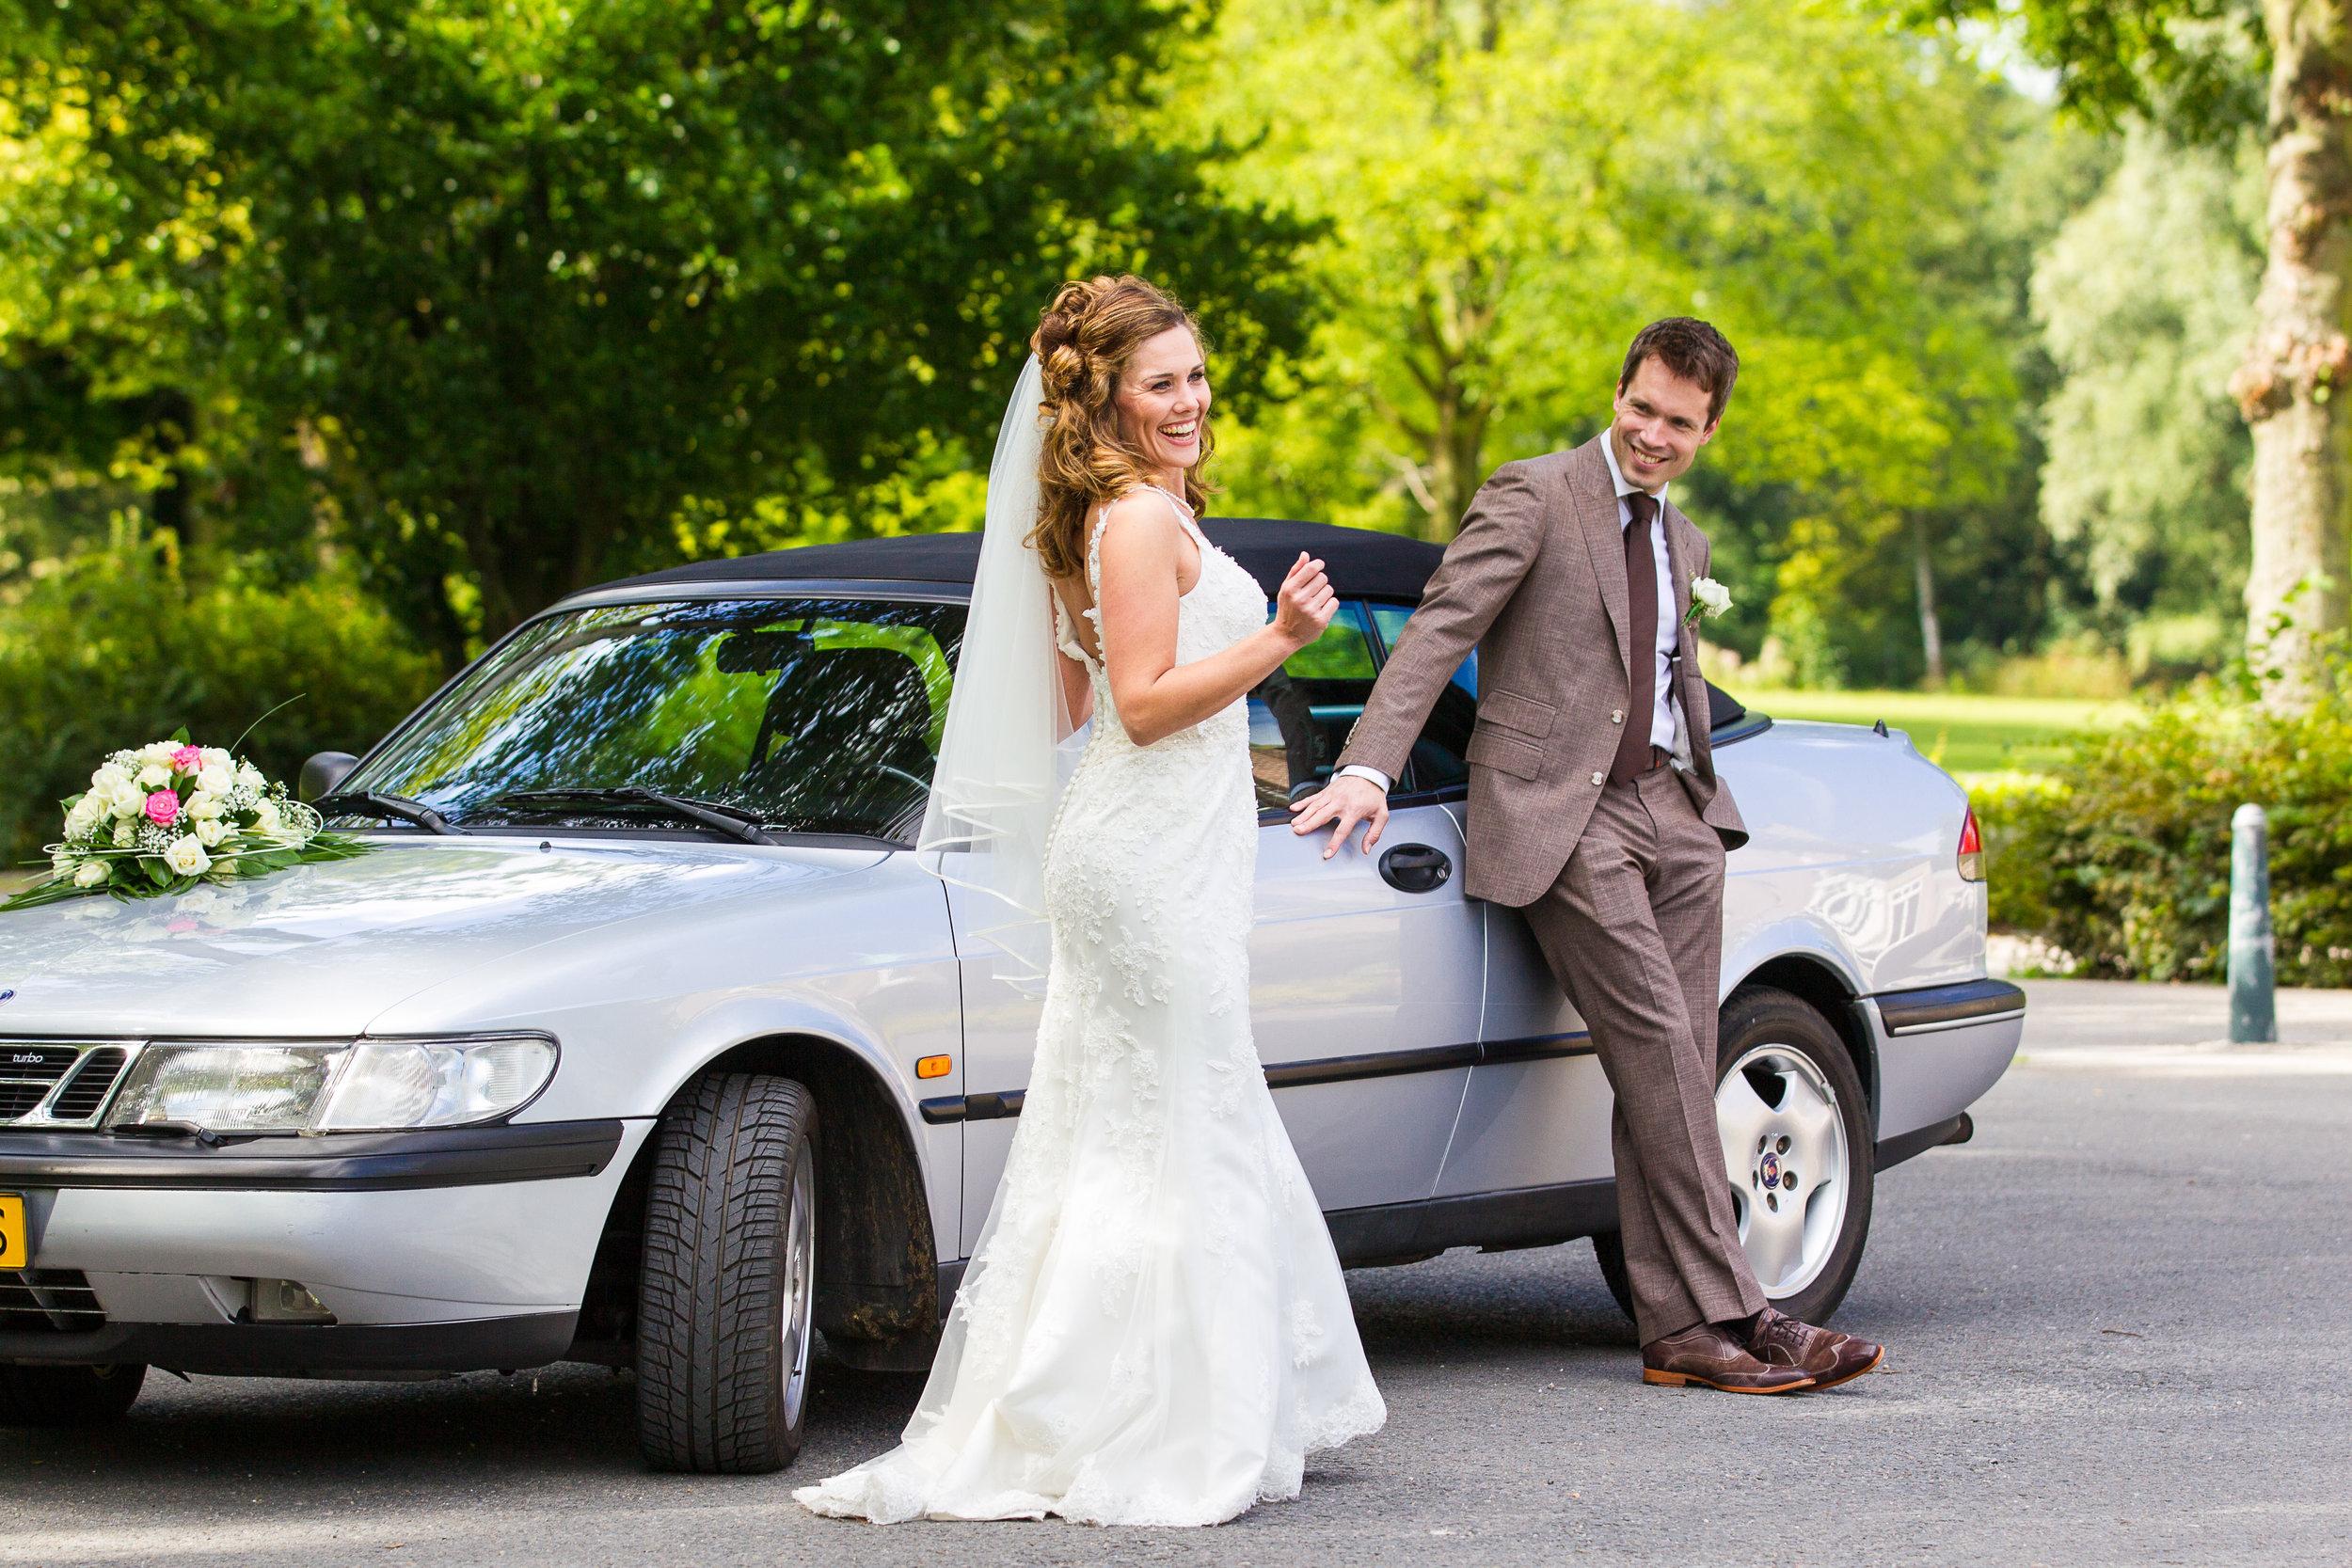 trouwshoot-bruidsfotografie-trouwfoto-feestfotografie-debora en joris-148.jpg